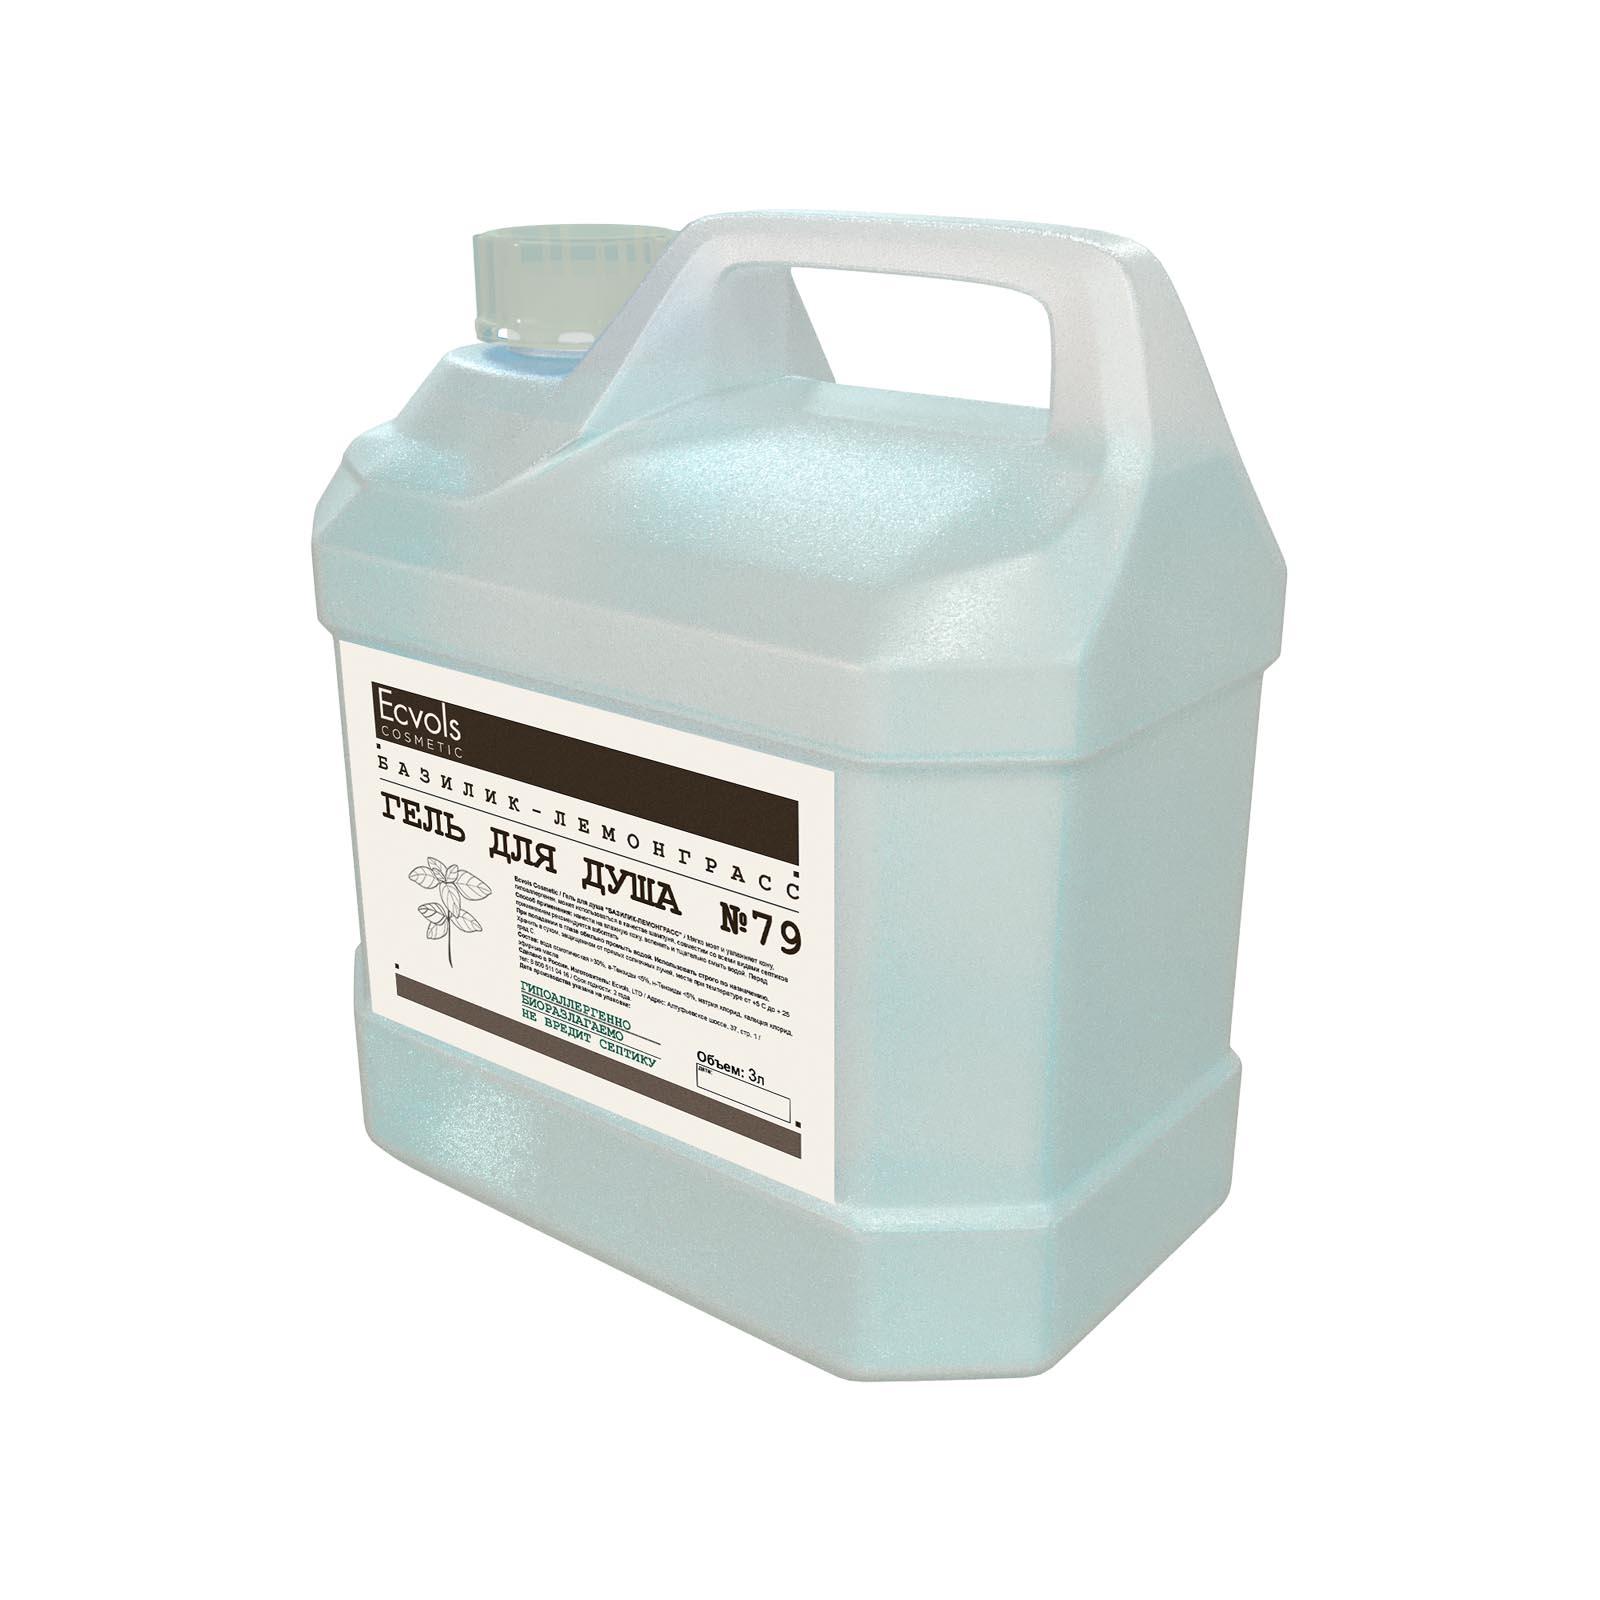 Купить Гель для душа Ecvols с запахом базилика и лемонграса с эффектом без слез 3 л